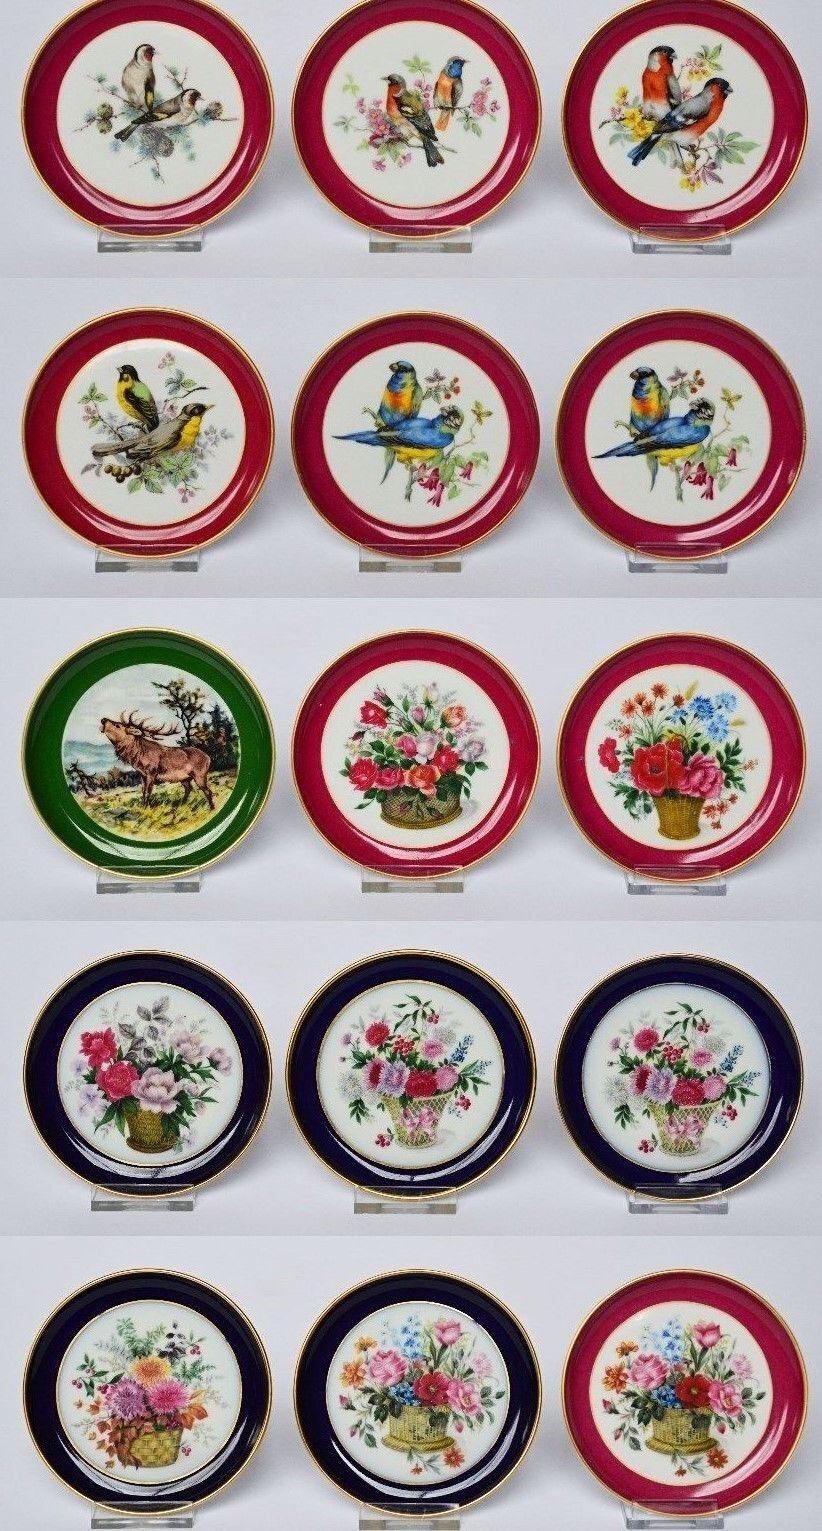 AK Kaiser Porzellan 15 Untersetzer Tiere Vögel Blaumen Blaumenbouquet Dm 10 cm     | Spielzeug mit kindlichen Herzen herstellen